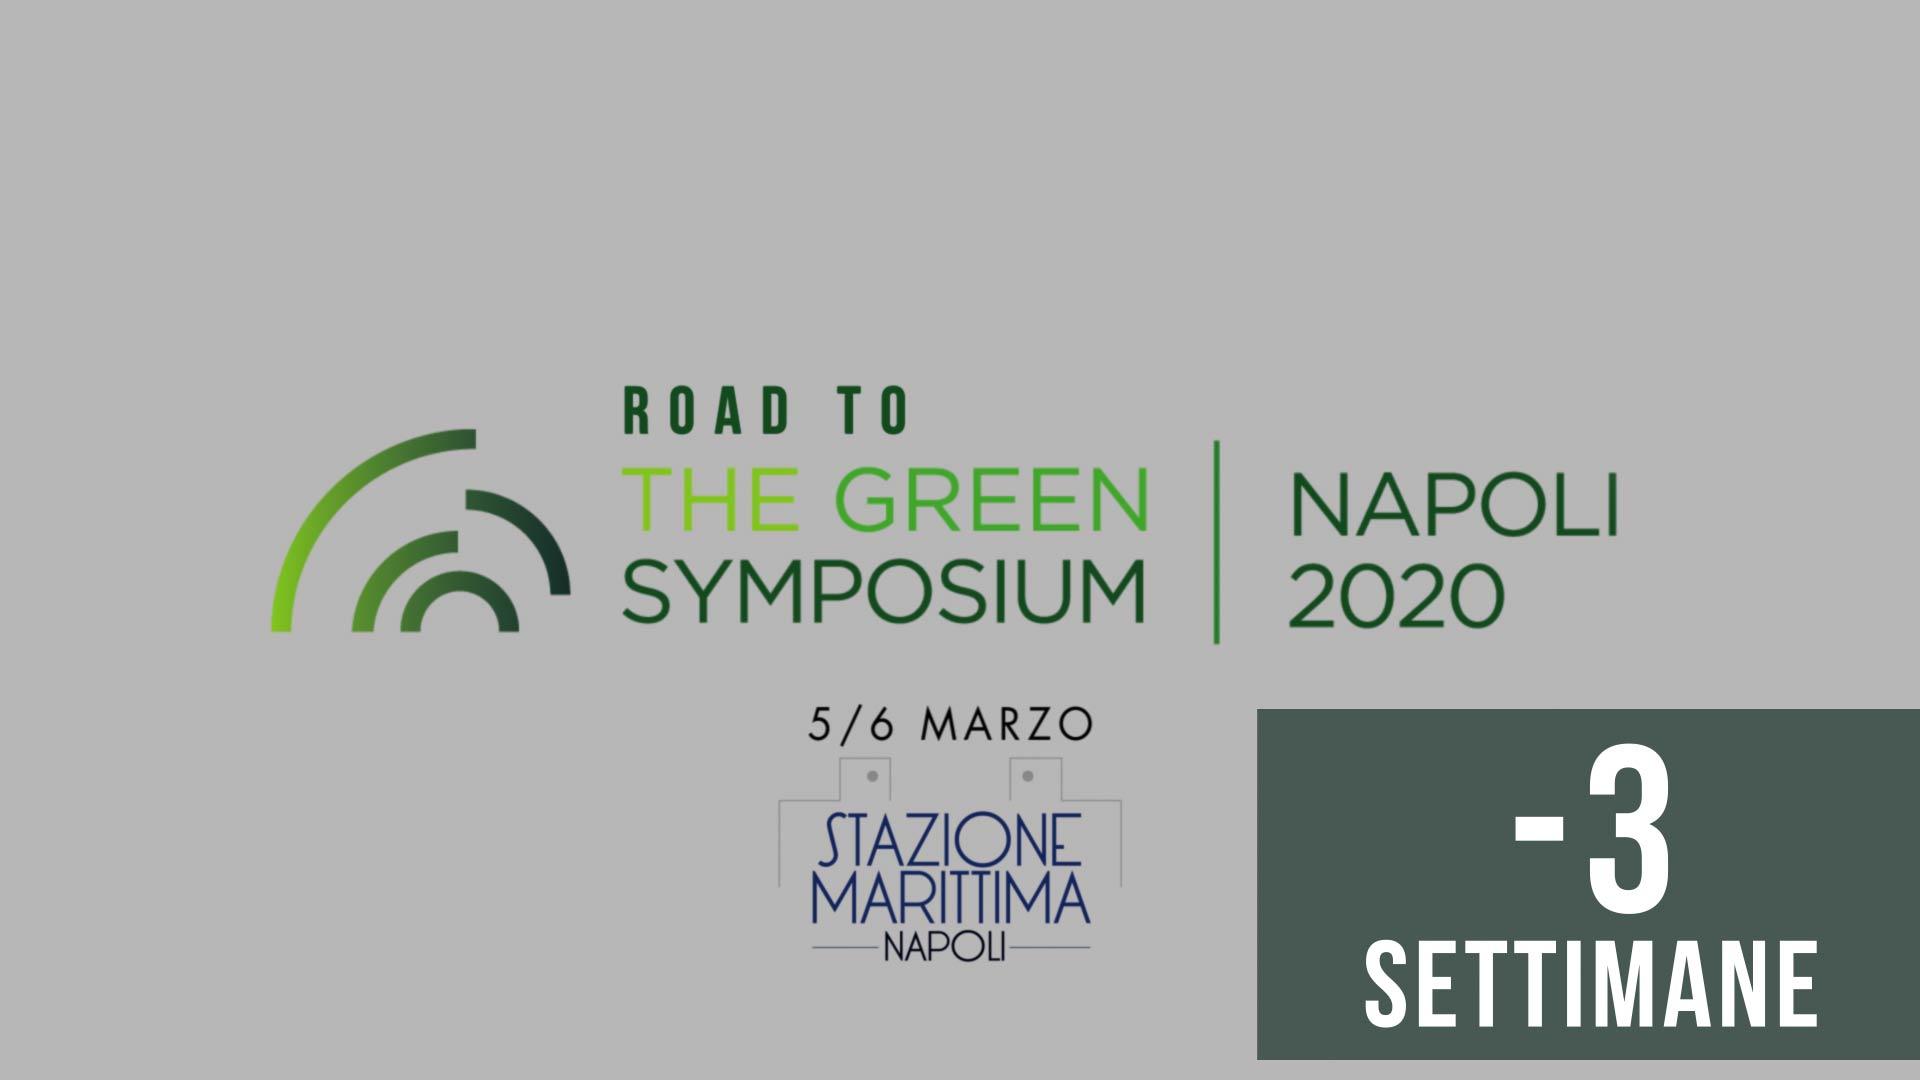 ROAD TO GREEN SYMPOSIUM 2020 - -3 SETTIMANE